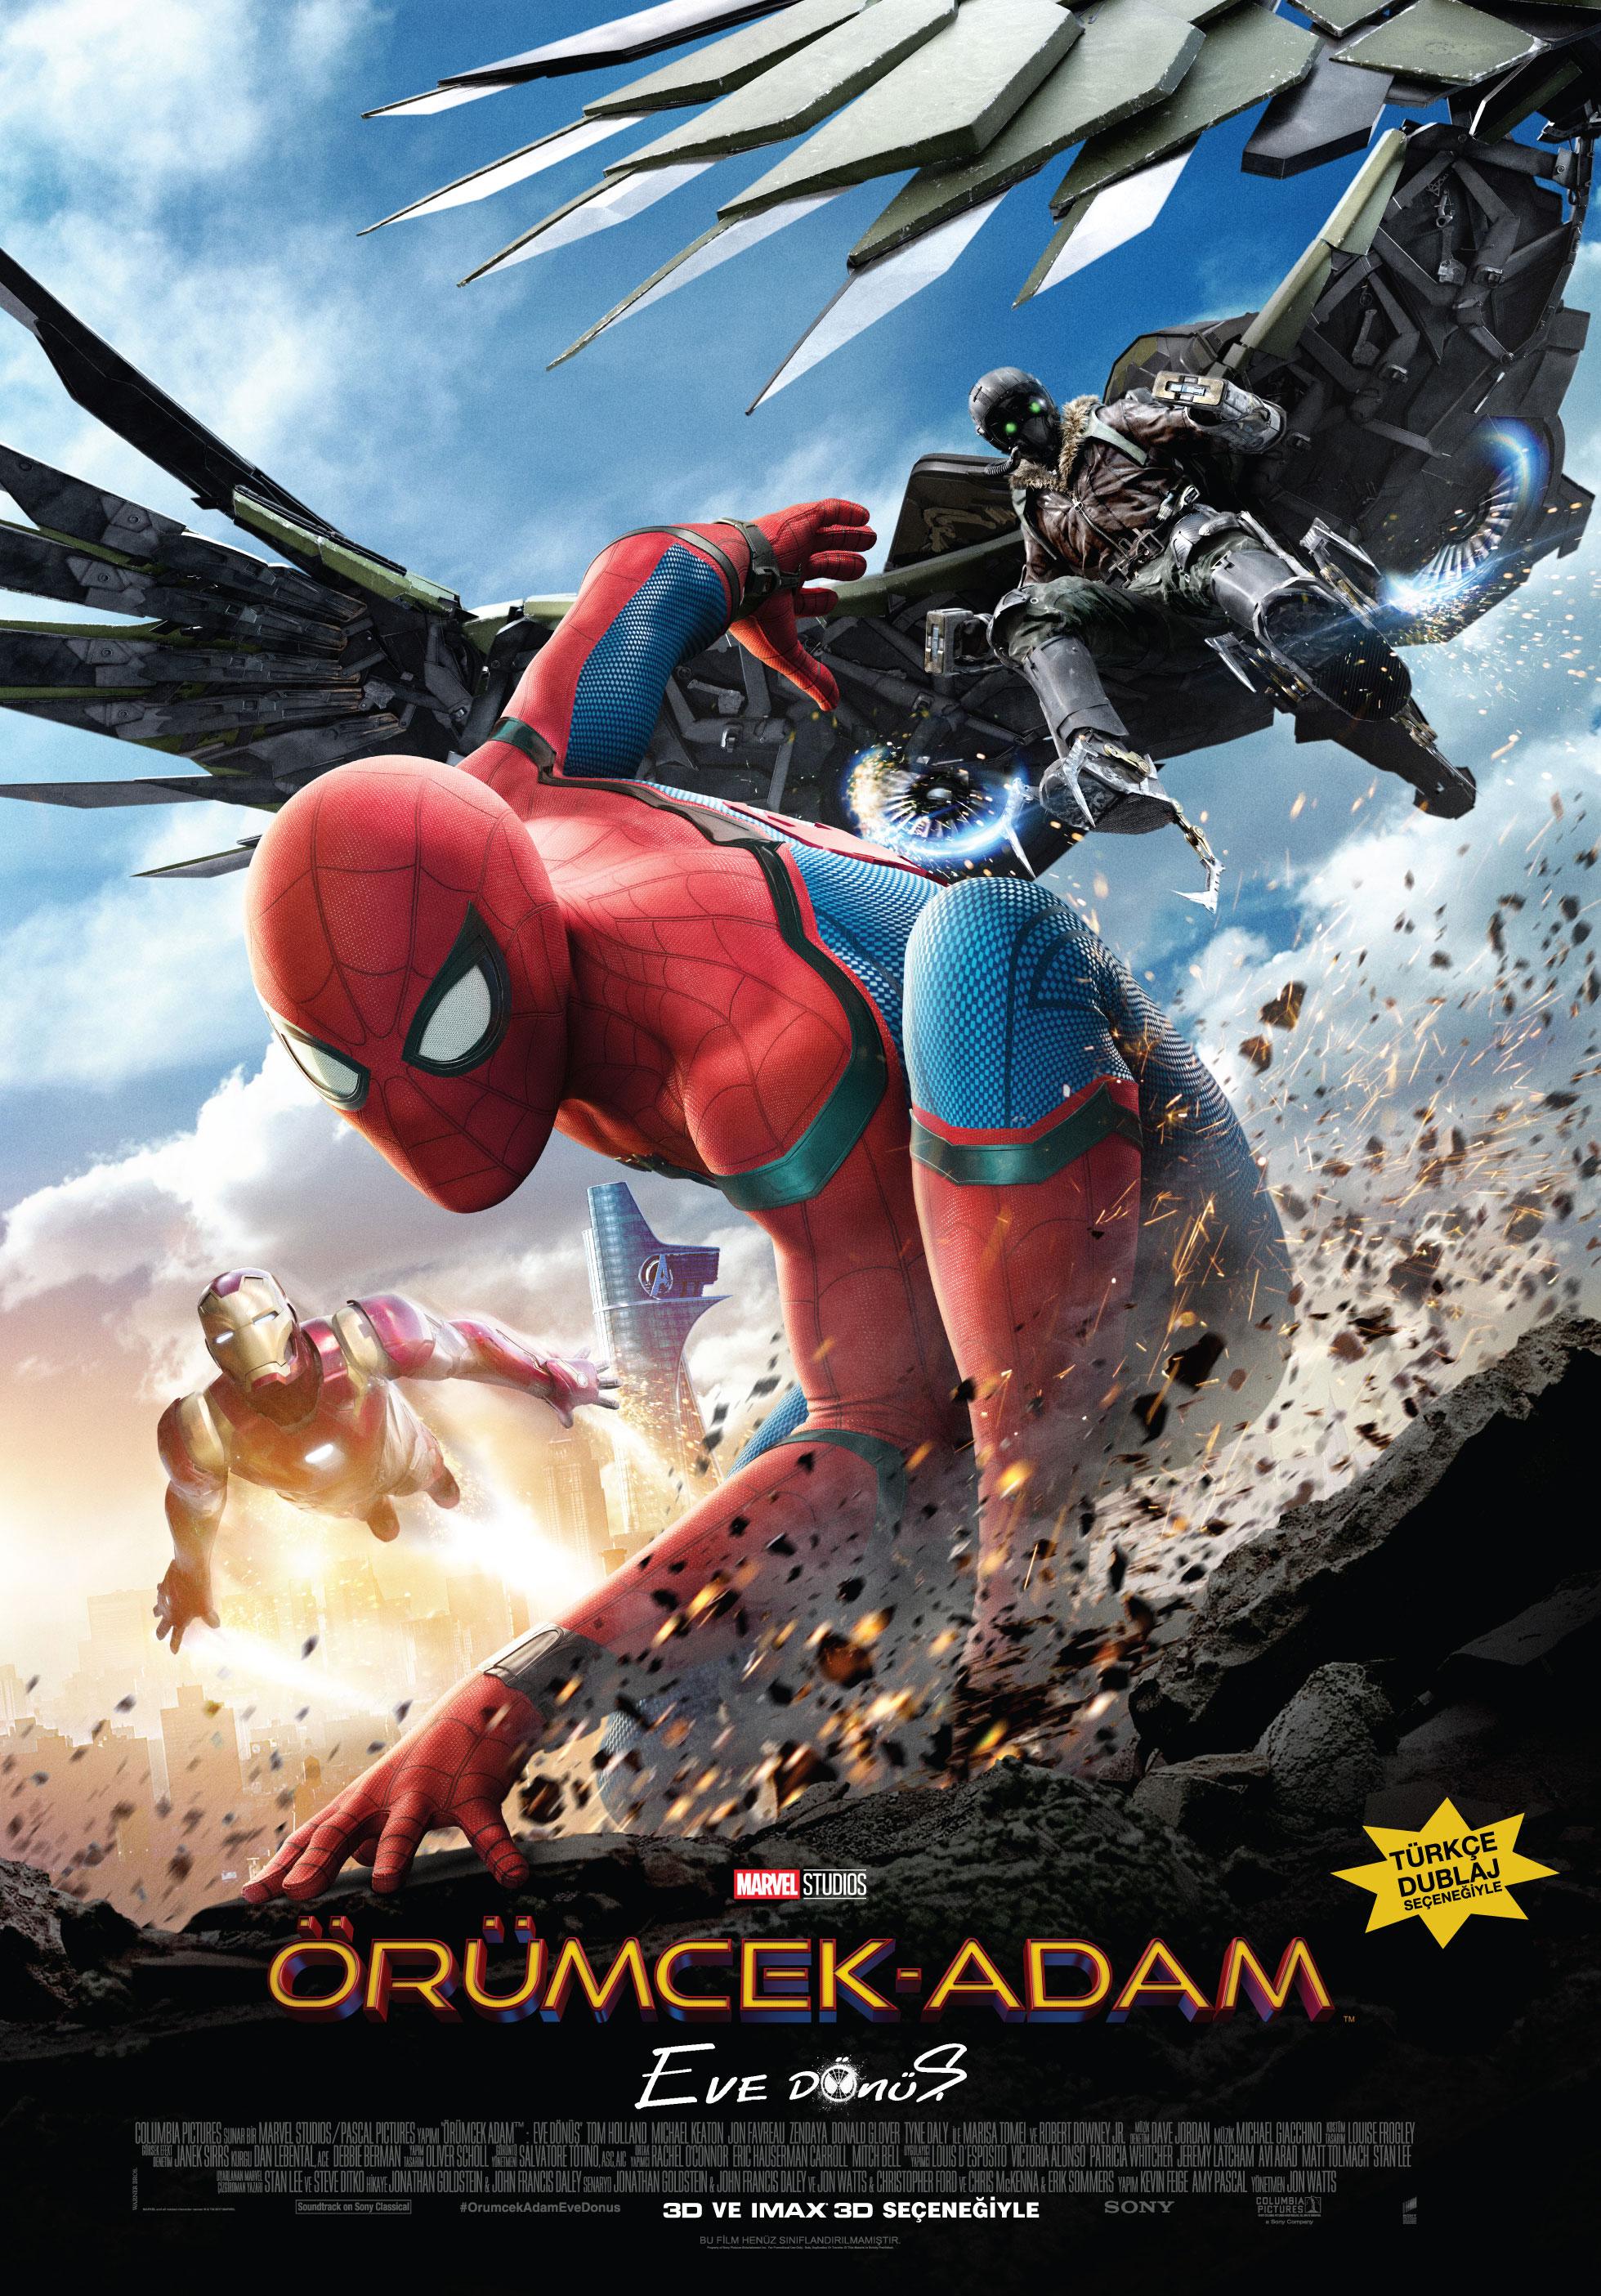 örümcek Adam Eve Dönüş Spider Man Homecoming Beyazperdecom